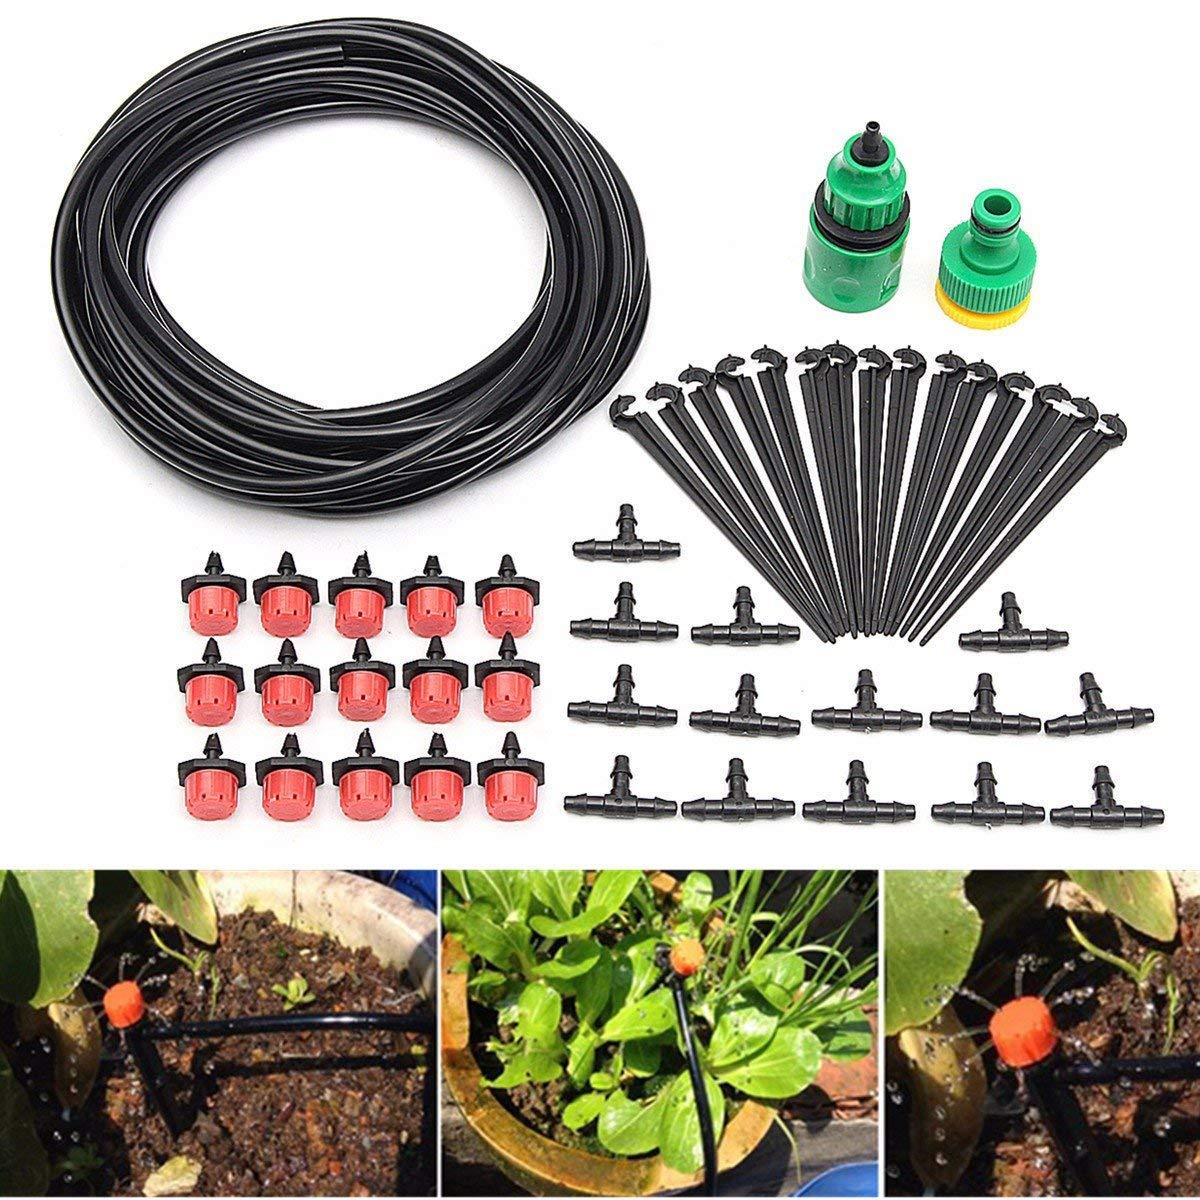 Micro-Fluss Tropf Bewässerung Bewässerung Kits System Selbst Anlage Garten Schlauch Bewässerung Kits 10 Meter Schlauch